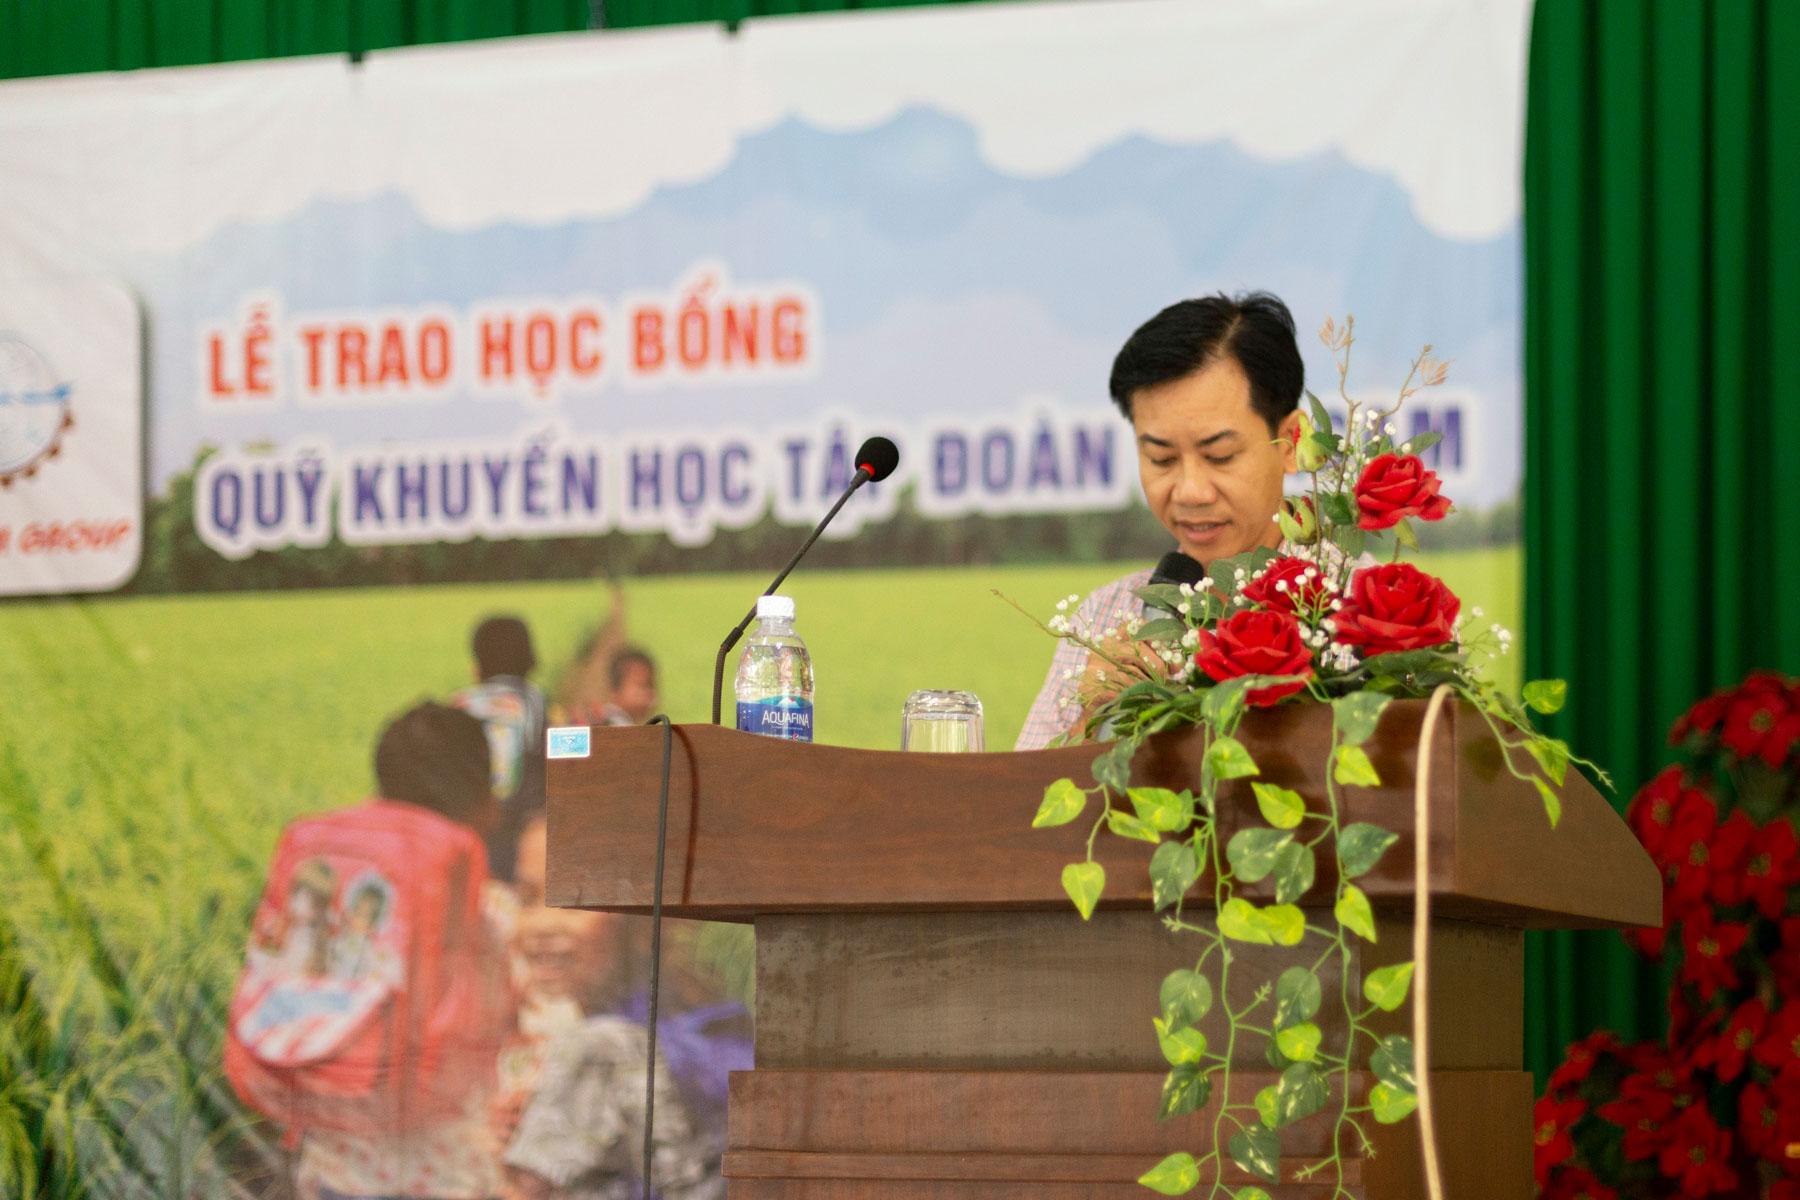 Ông Lê Hoàng Anh Tuấn - Phó hiệu trưởng trường Thới Long  phát biểu tại lễ trao học bổng Vinacam